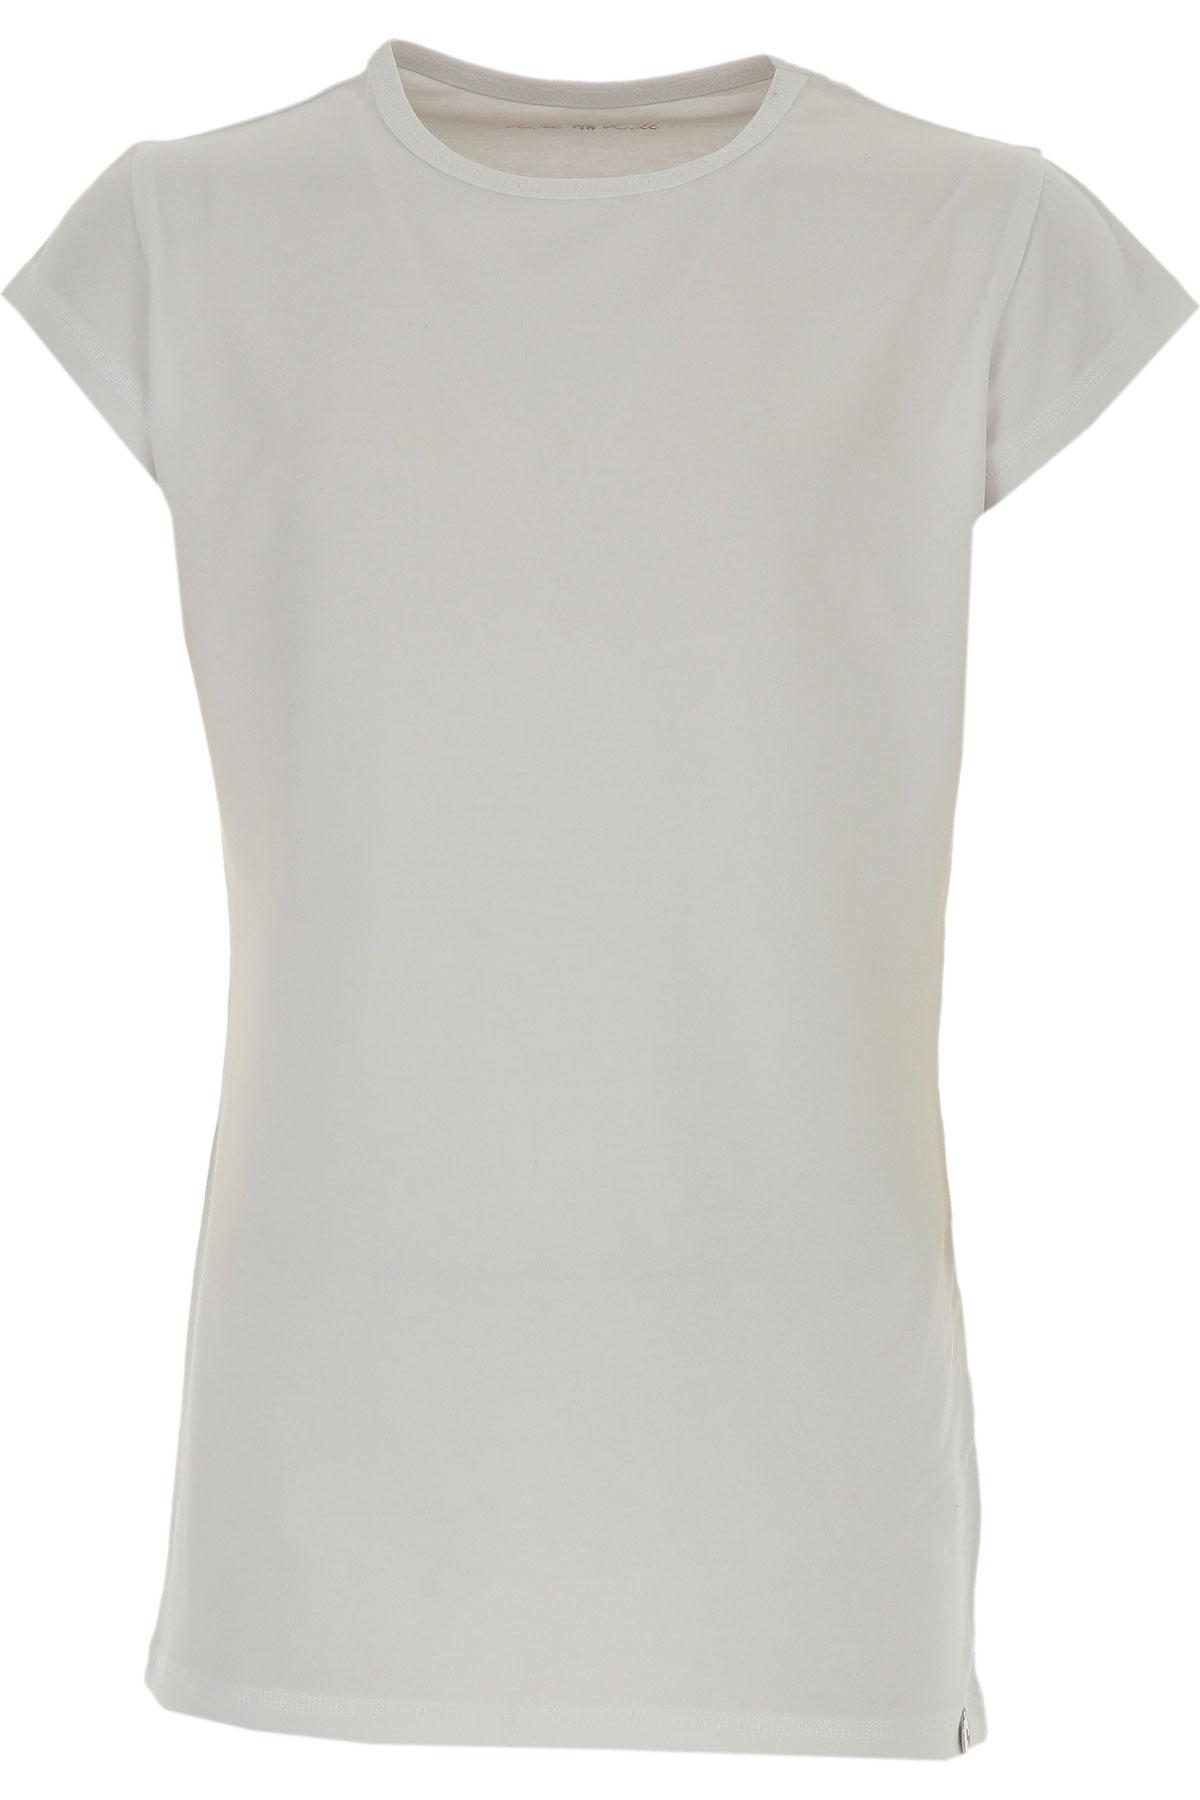 Lu - Lu T-Shirt Enfant pour Fille Pas cher en Soldes Outlet, Blanc, Coton, 2019, XL XXL